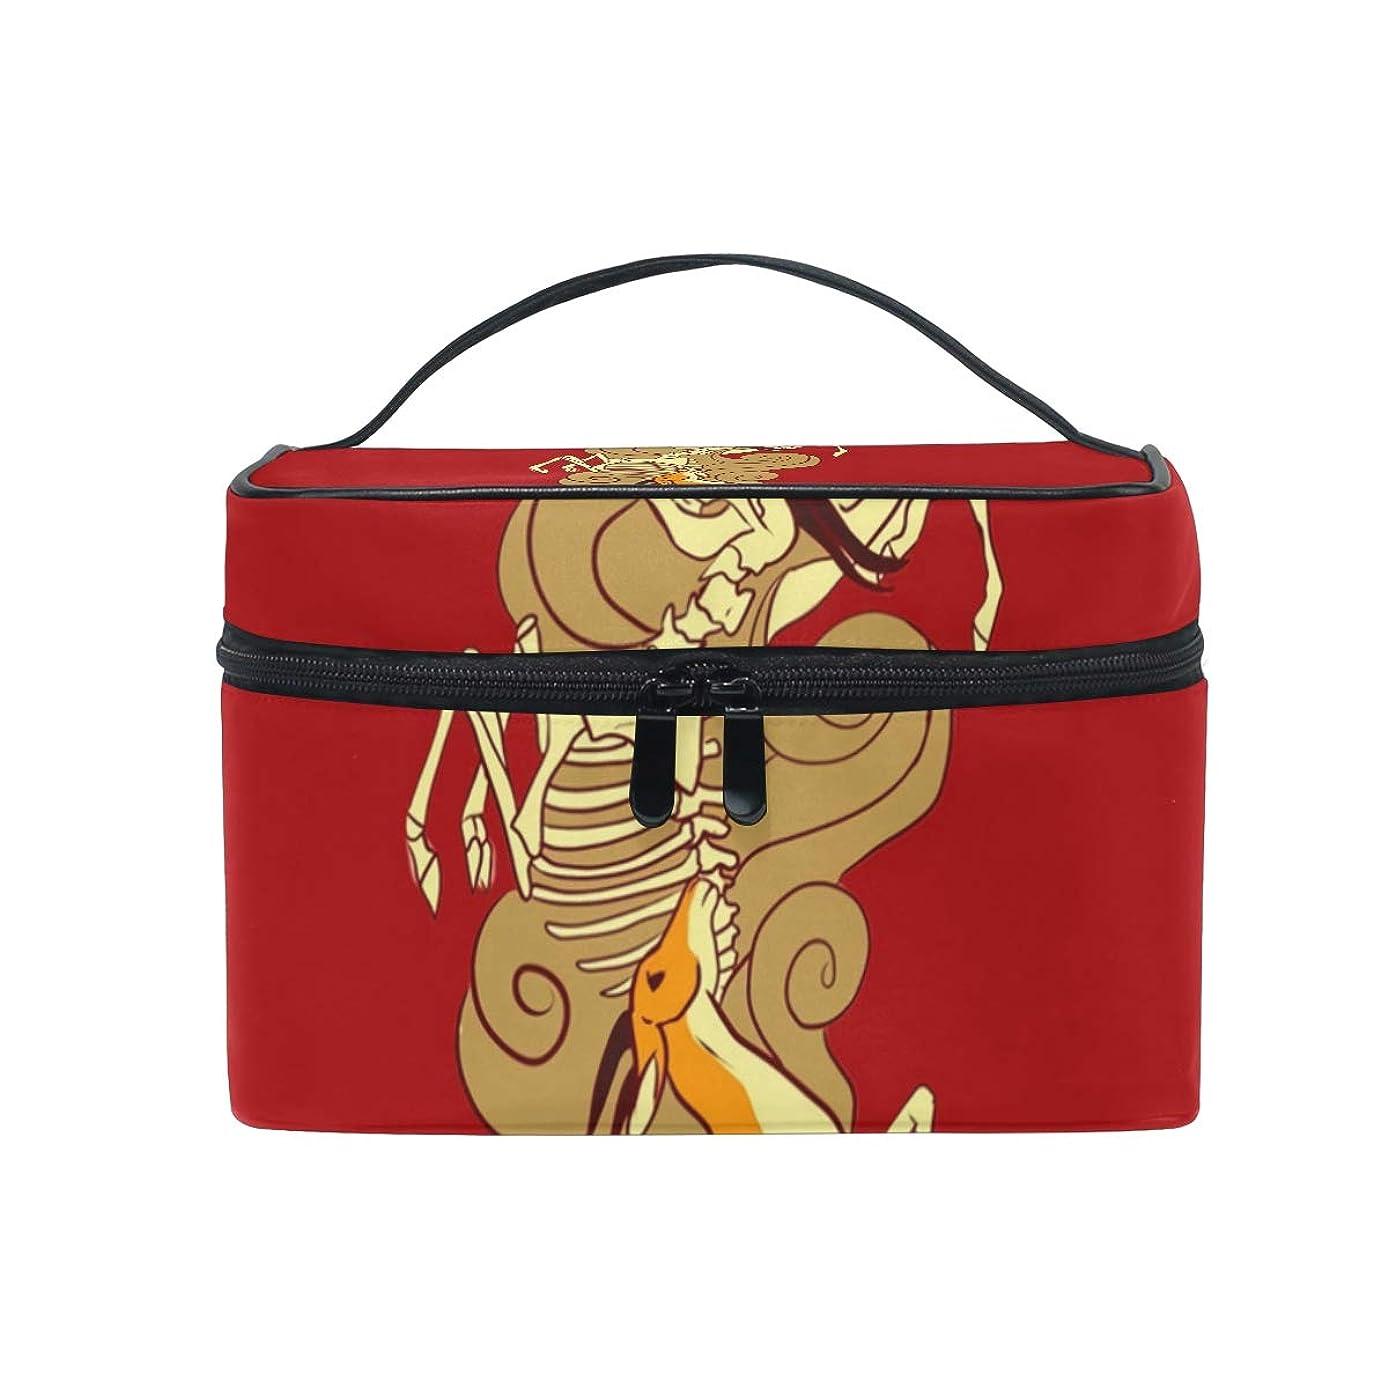 取るに足らない櫛コードメイクボックス カモシカのカモシカ柄 化粧ポーチ 化粧品 化粧道具 小物入れ メイクブラシバッグ 大容量 旅行用 収納ケース